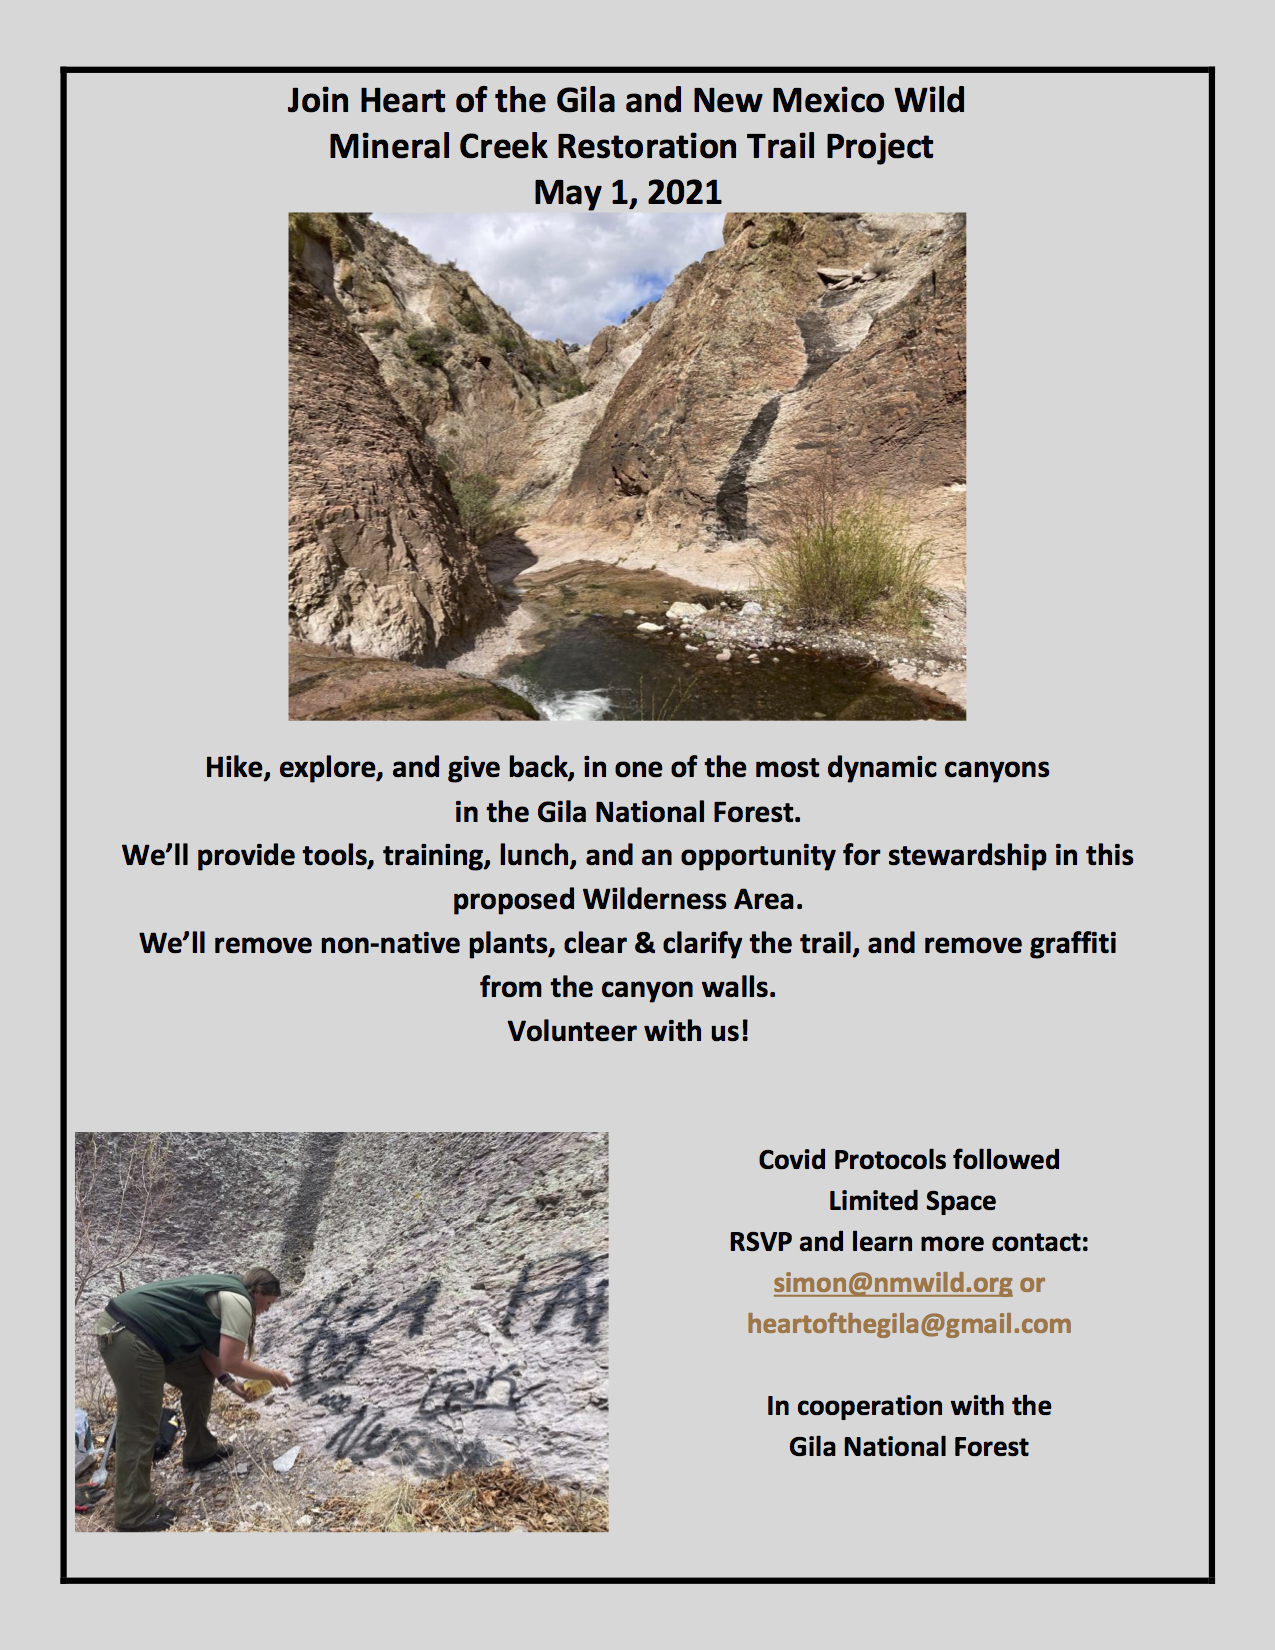 Mineral Creek Trail Restoration Project